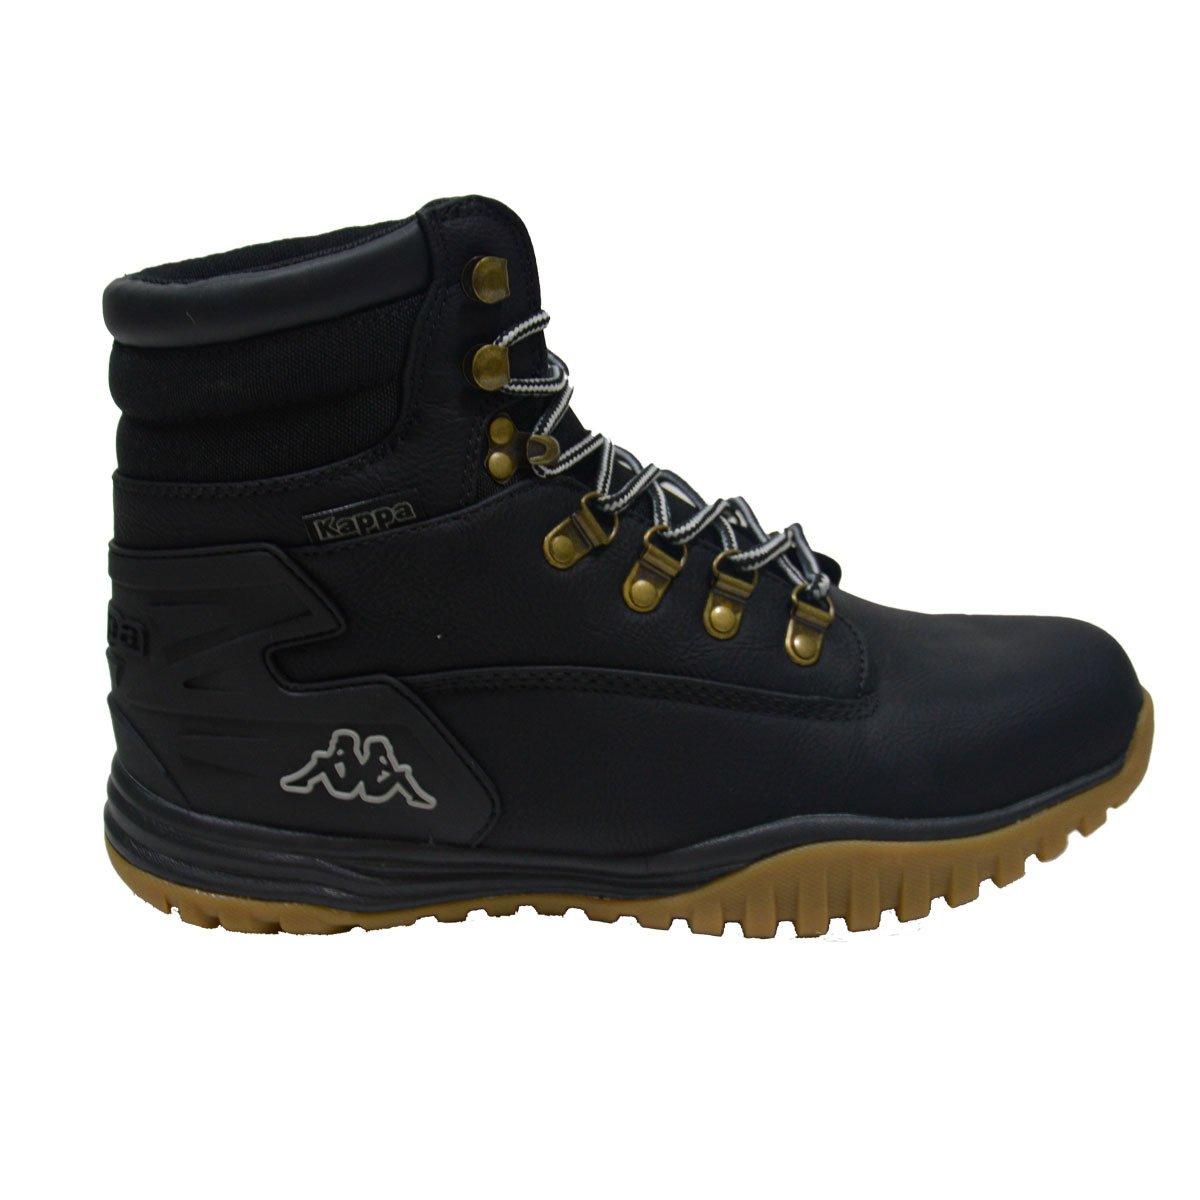 sprzedawca detaliczny wylot online najlepsze buty Kappa Farum Shoes - 242155/1113